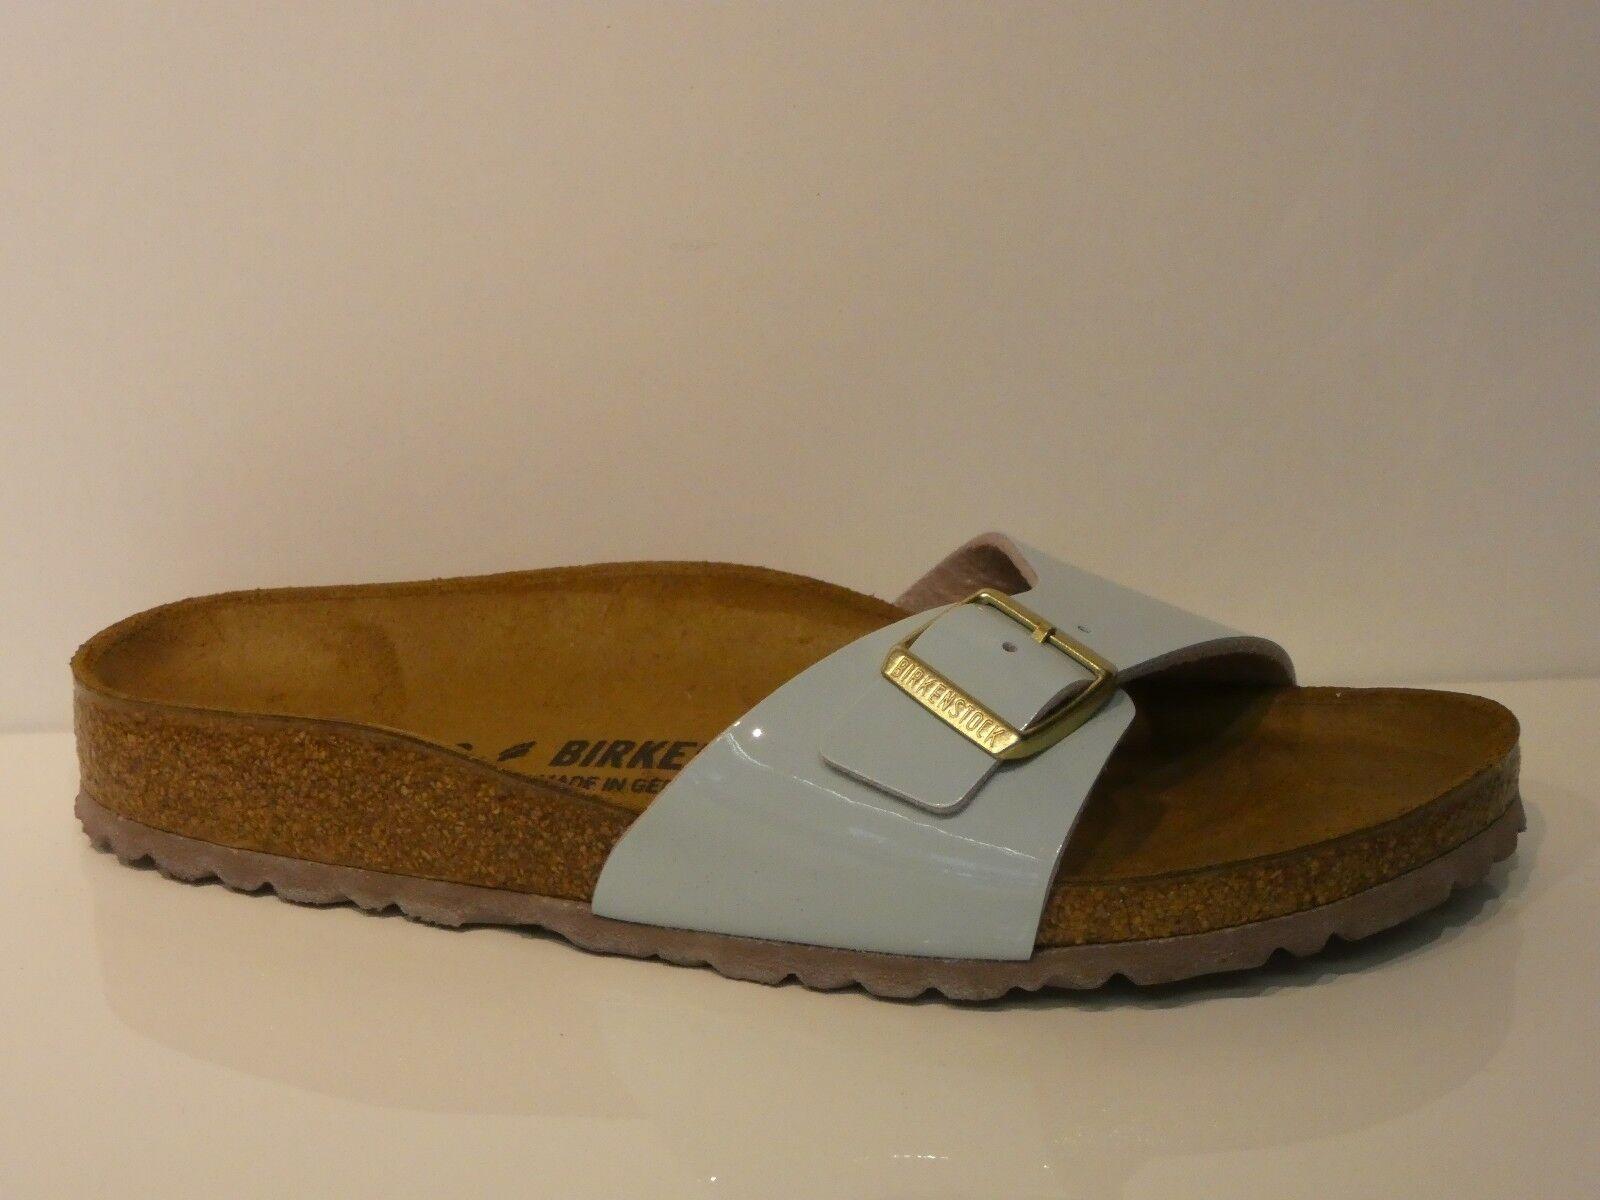 Birkenstock Damen Schuhe Pantoletten Sandale Madrid BS two tone water cream NEU